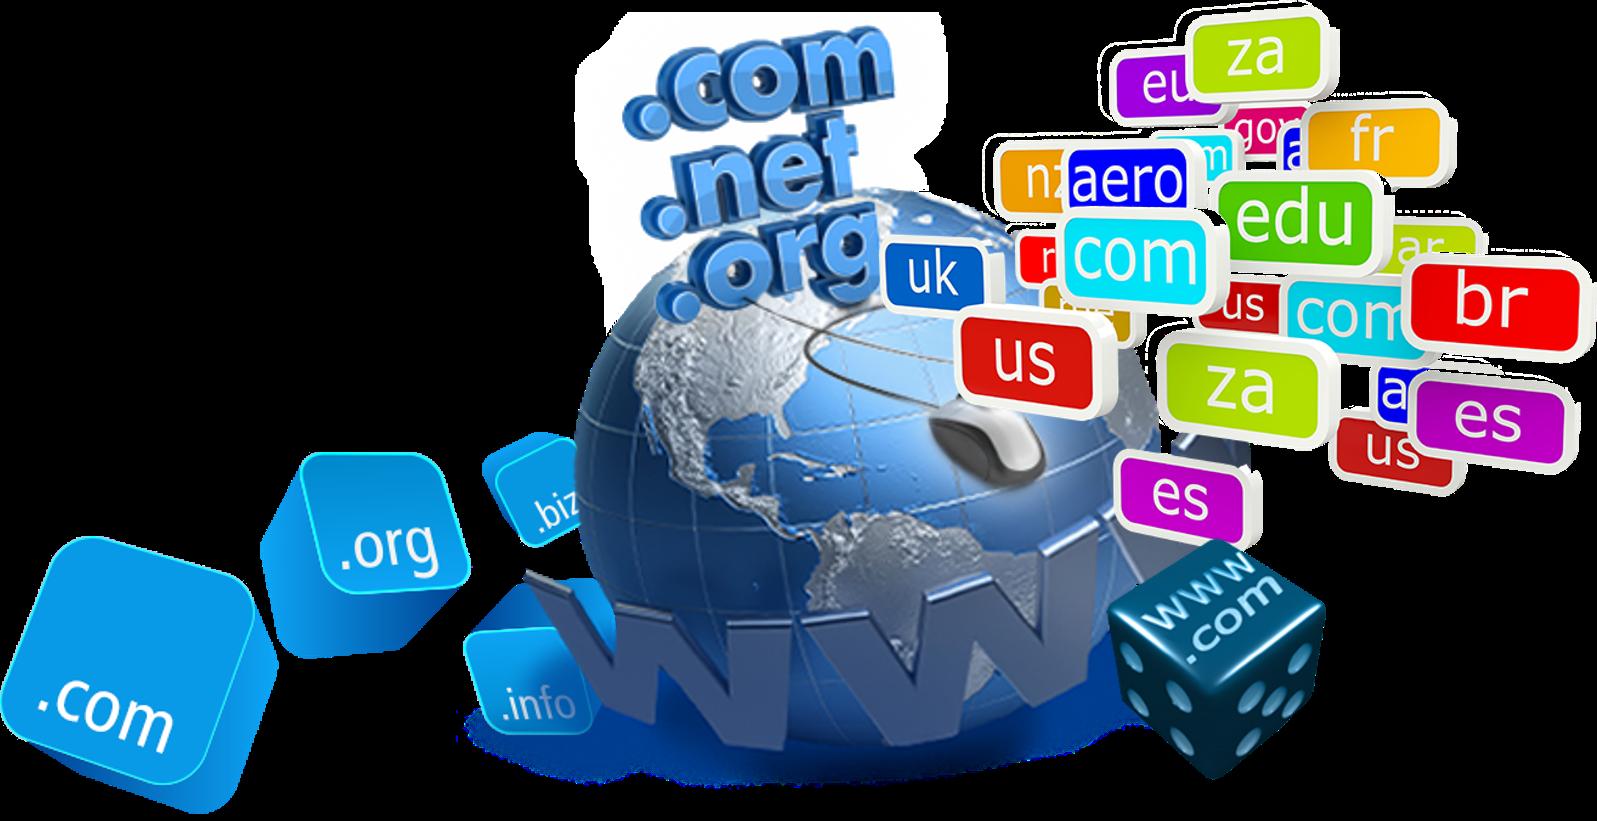 چگونه فضای هاست و پهنای باند مورد نیاز وب سایت را تعیین کنیم؟